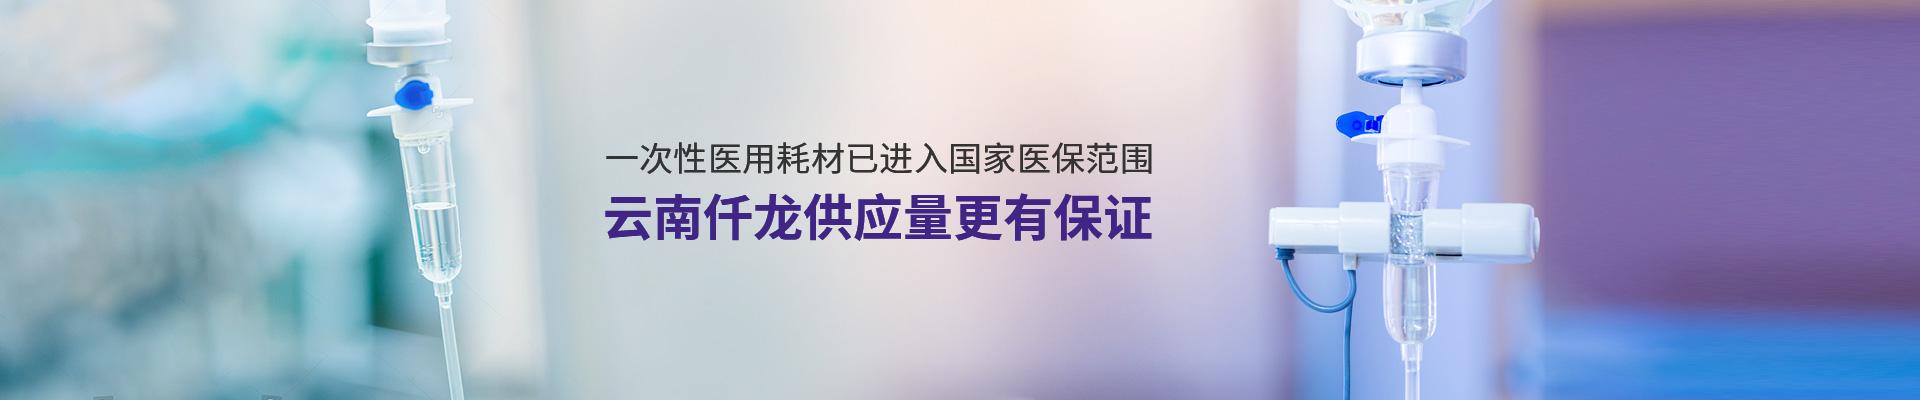 一次性医用耗材已进入国家医保范围,云南仟龙供应量更有保证